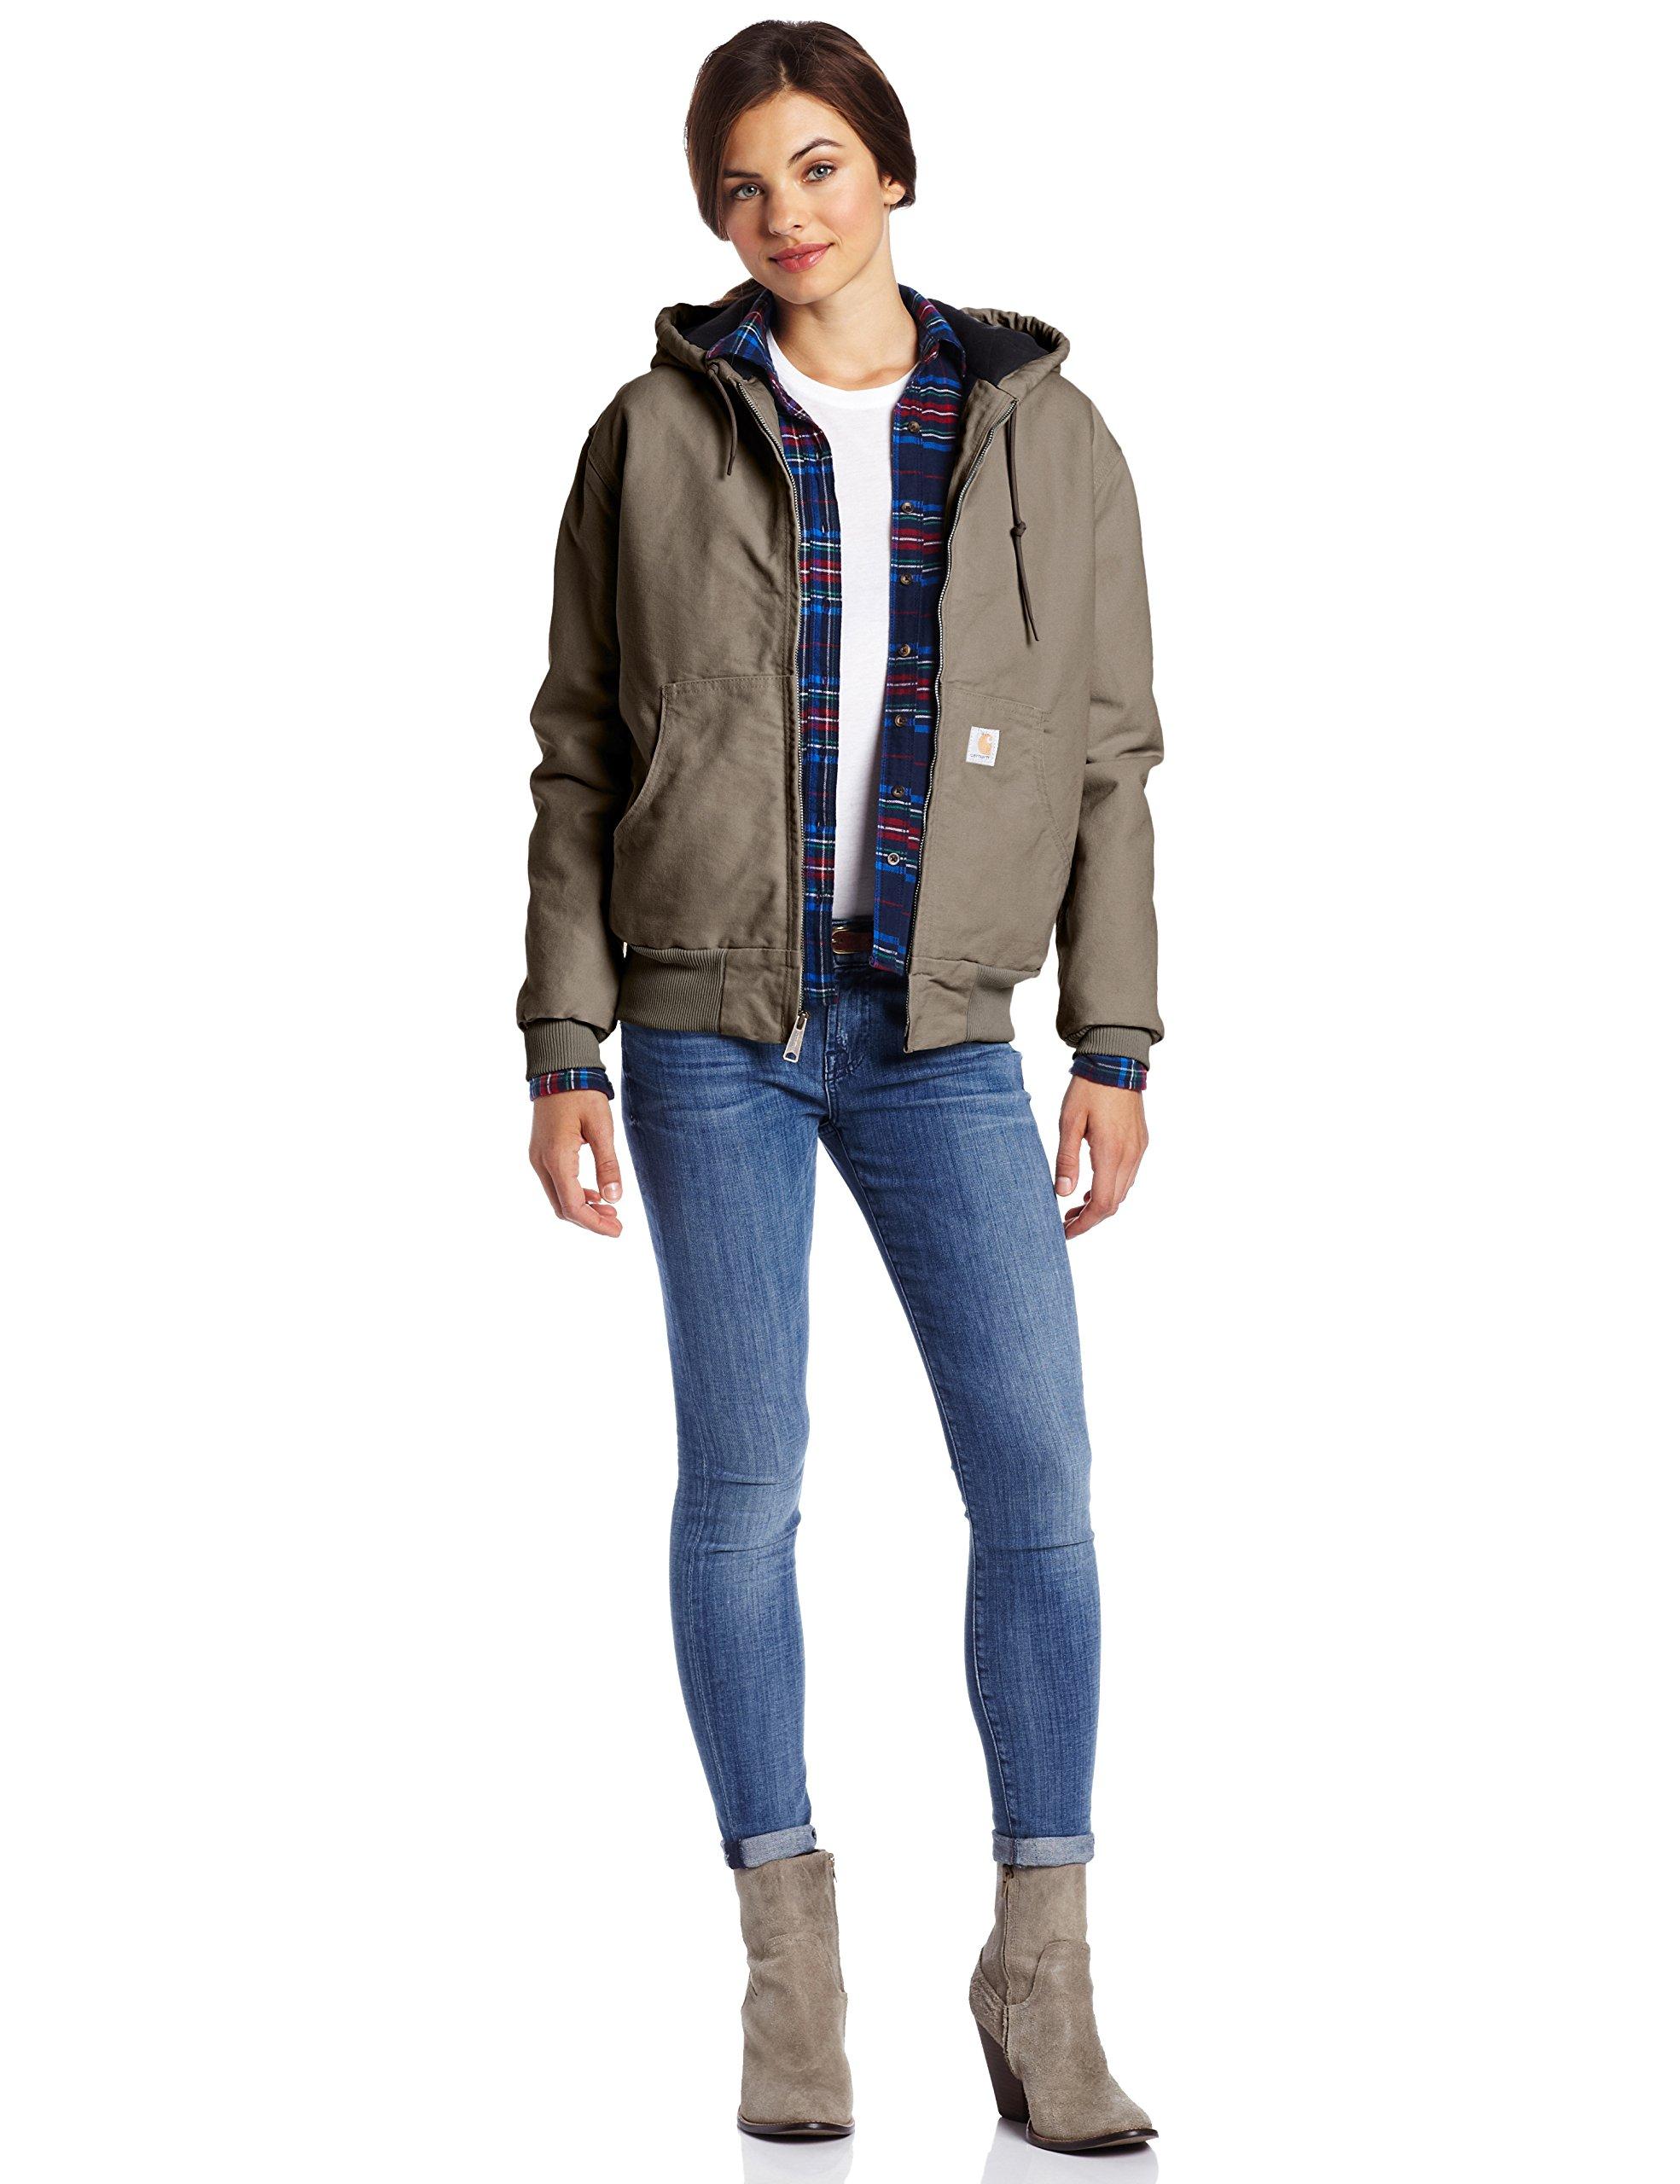 Carhartt Women's Sandstone Active Jacket, Woodland, S